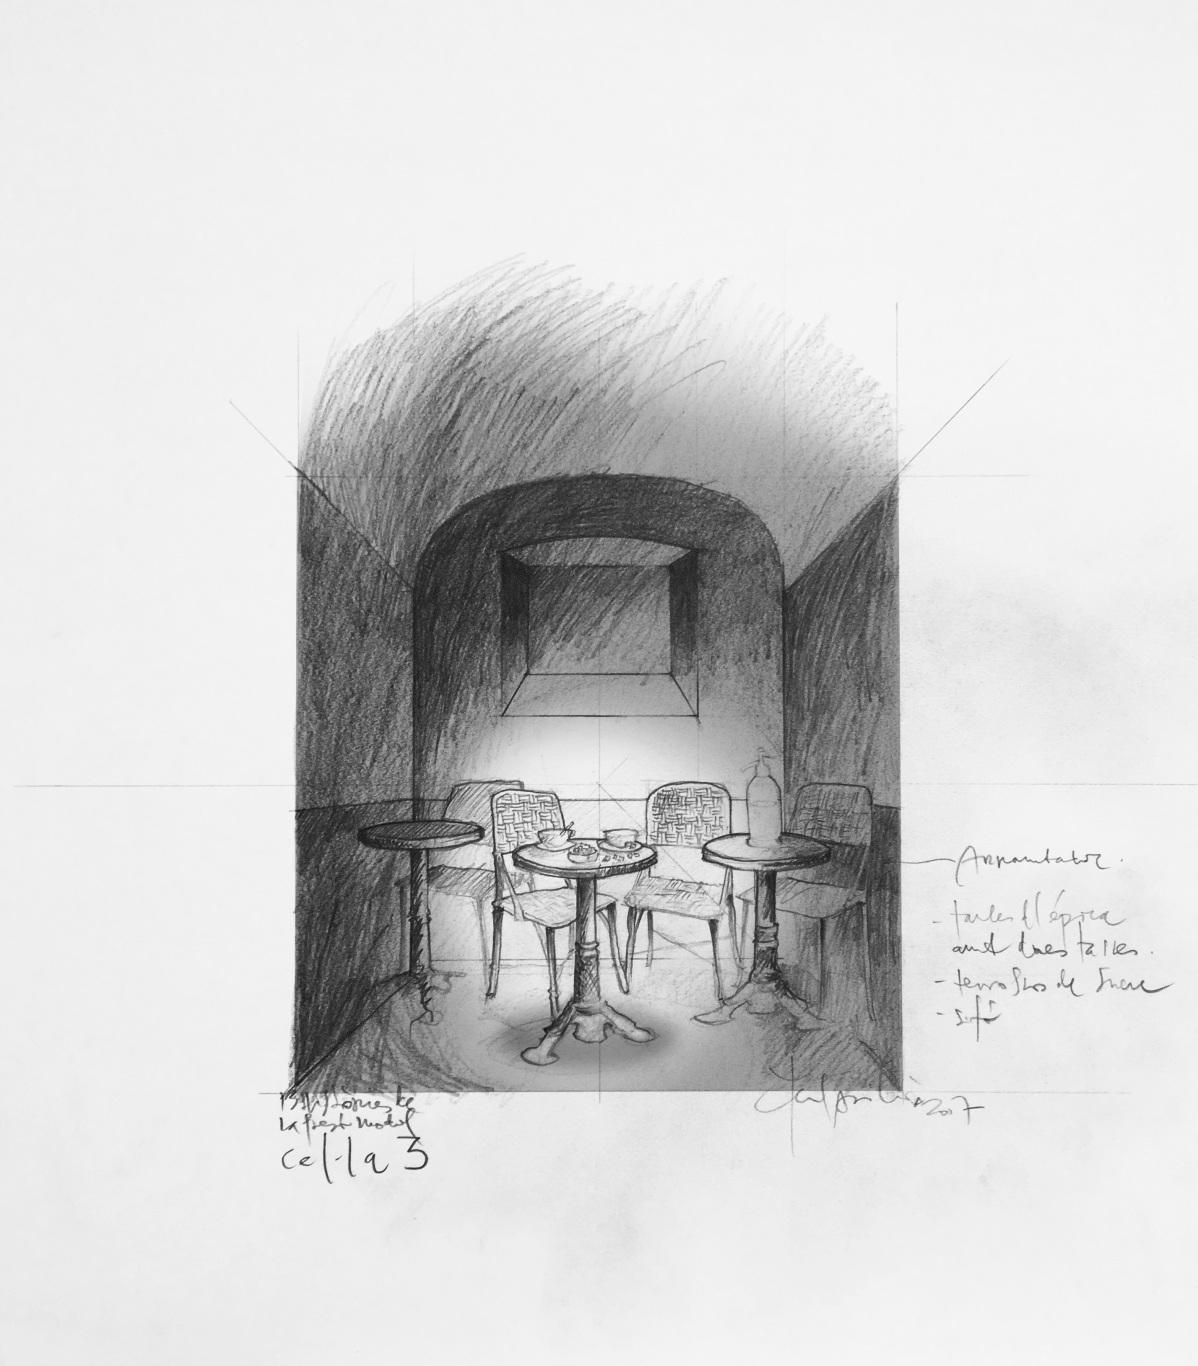 Visita museizada a la Presó Model. Dibujo de diseño Celda 3.